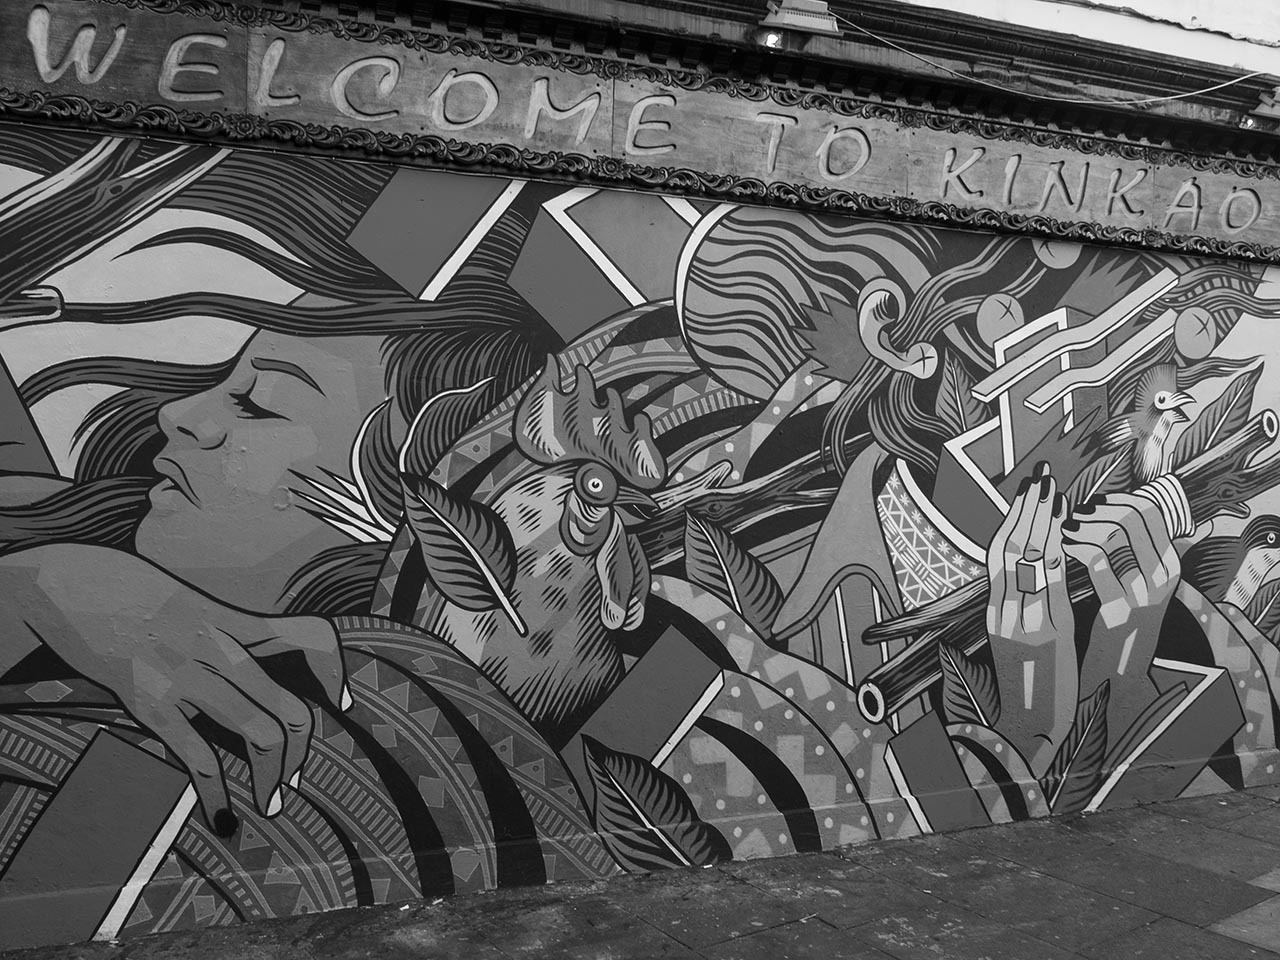 New mural on the side of Kinkao Thai Restaurant, Brick Lane.